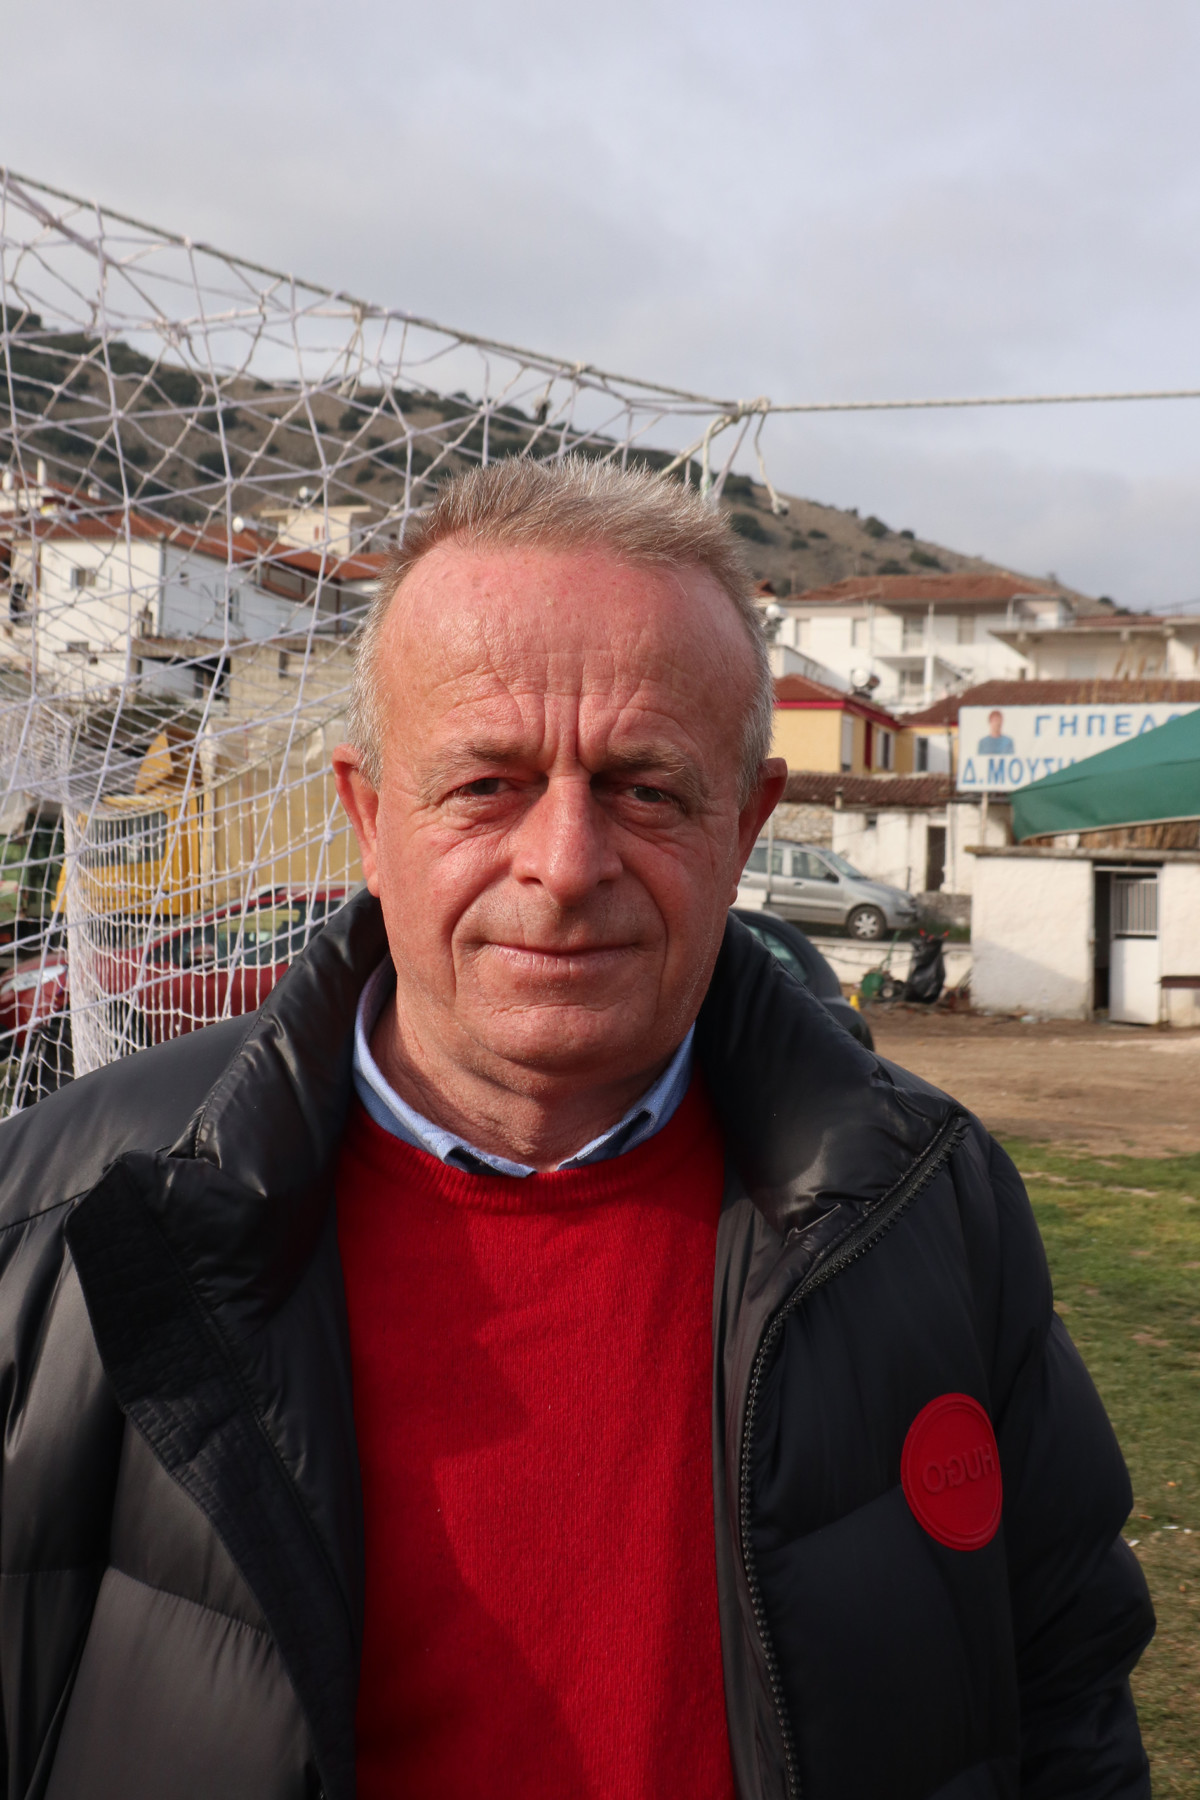 Ο δάσκαλος Γρηγόρης Λέτσιος. Φωτ. larissanet.gr/Λεωνίδας Τζέκας